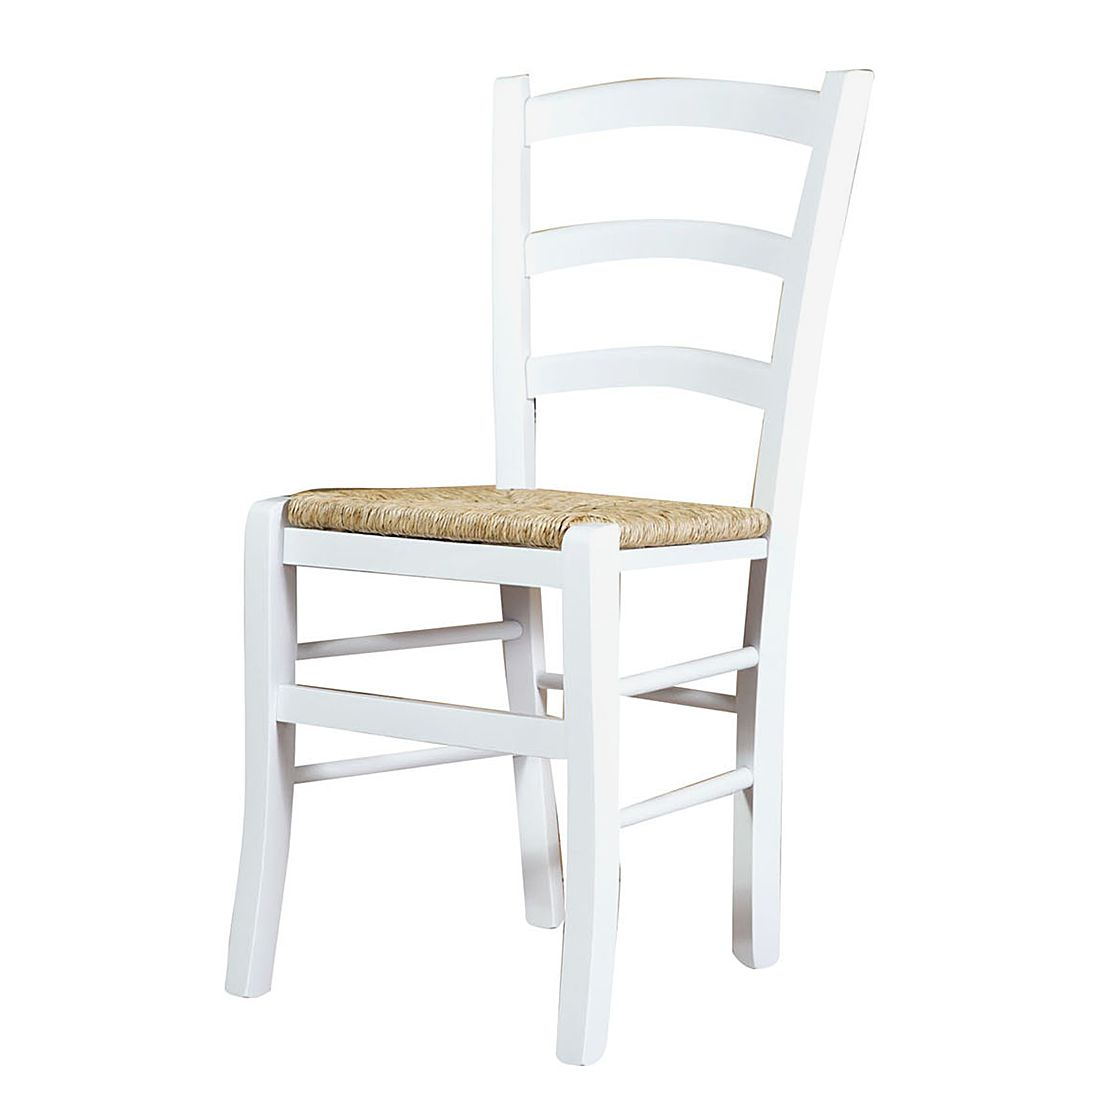 Esszimmerstuhl Viani (2er-Set) – Buche massiv – Weiß, Biscottini kaufen